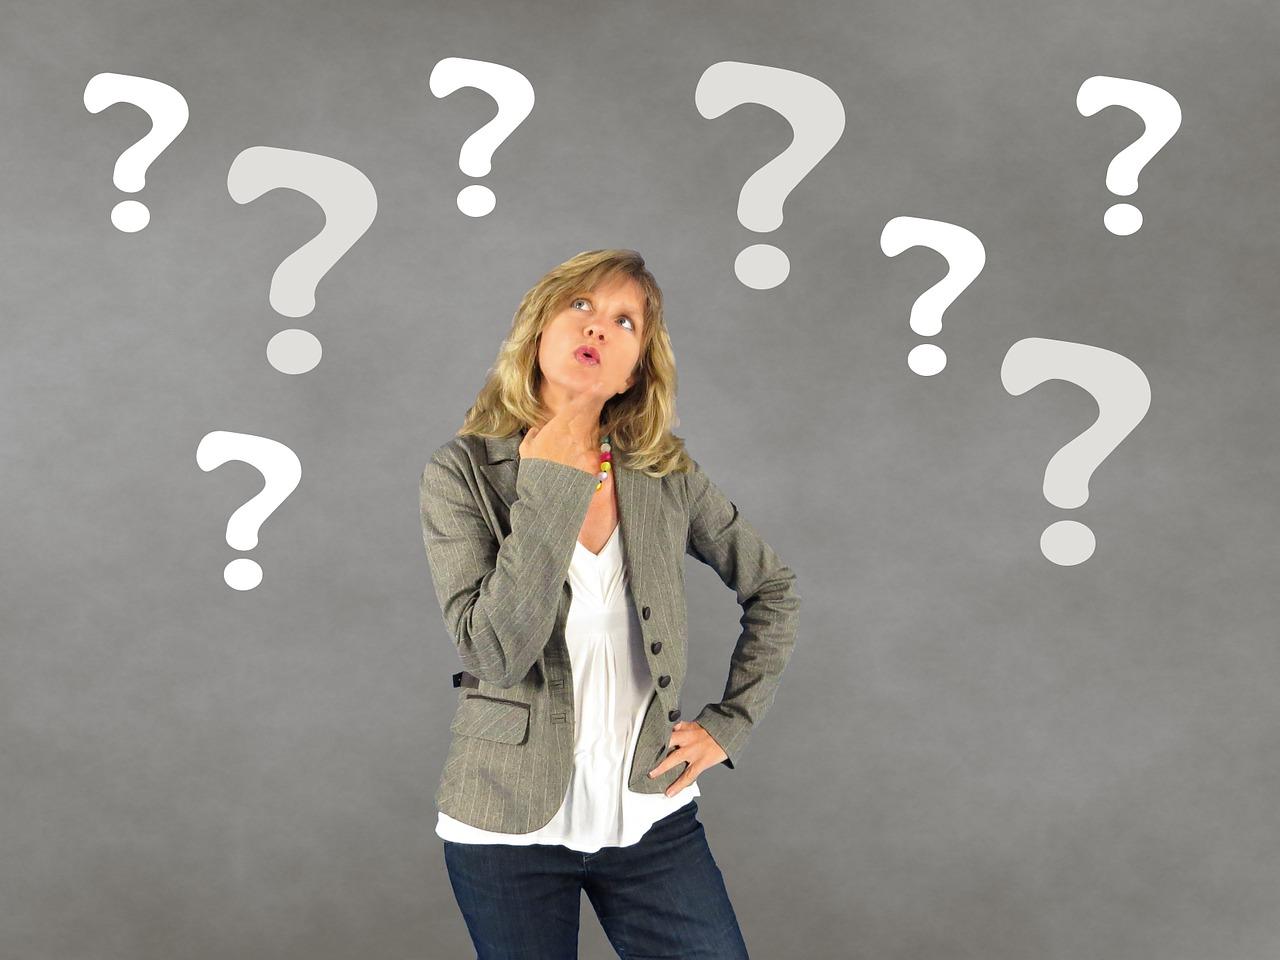 תפעול מעסיקים - שאלות /תשובות